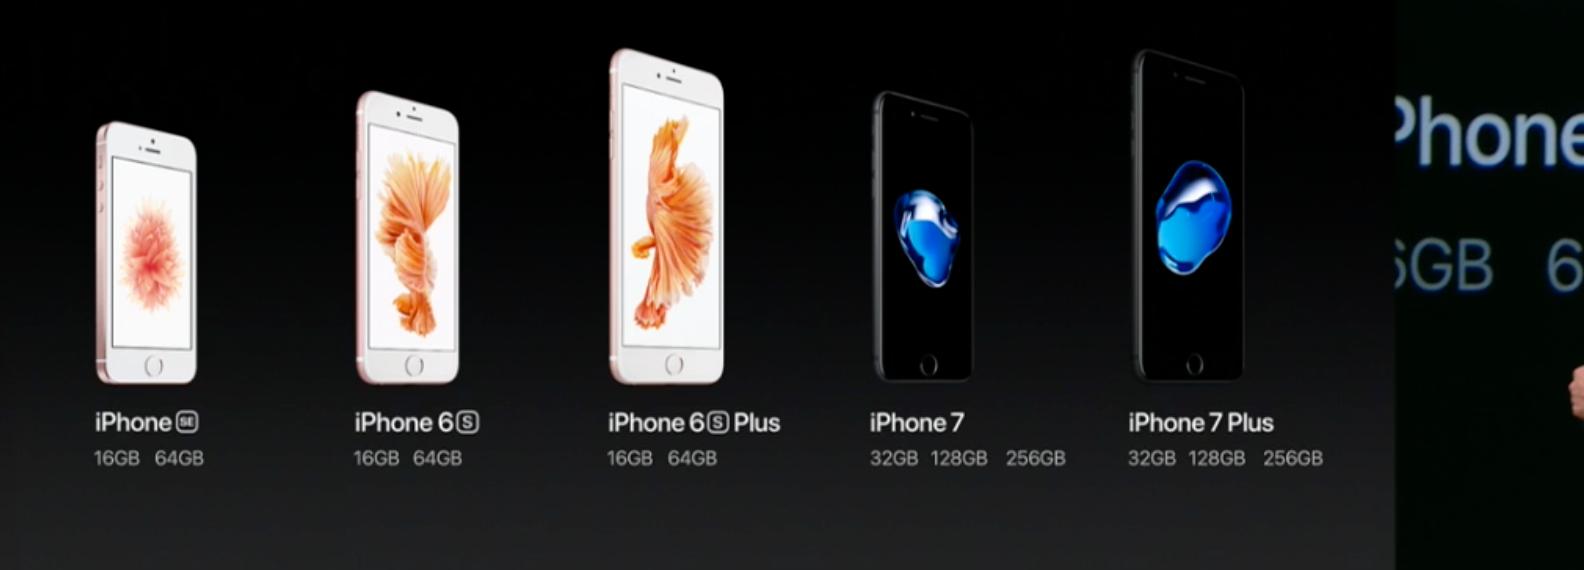 Alle konfigurasjonene, før Apple avslørte at også de gamle telefonene får oppgradert lagringsplass.